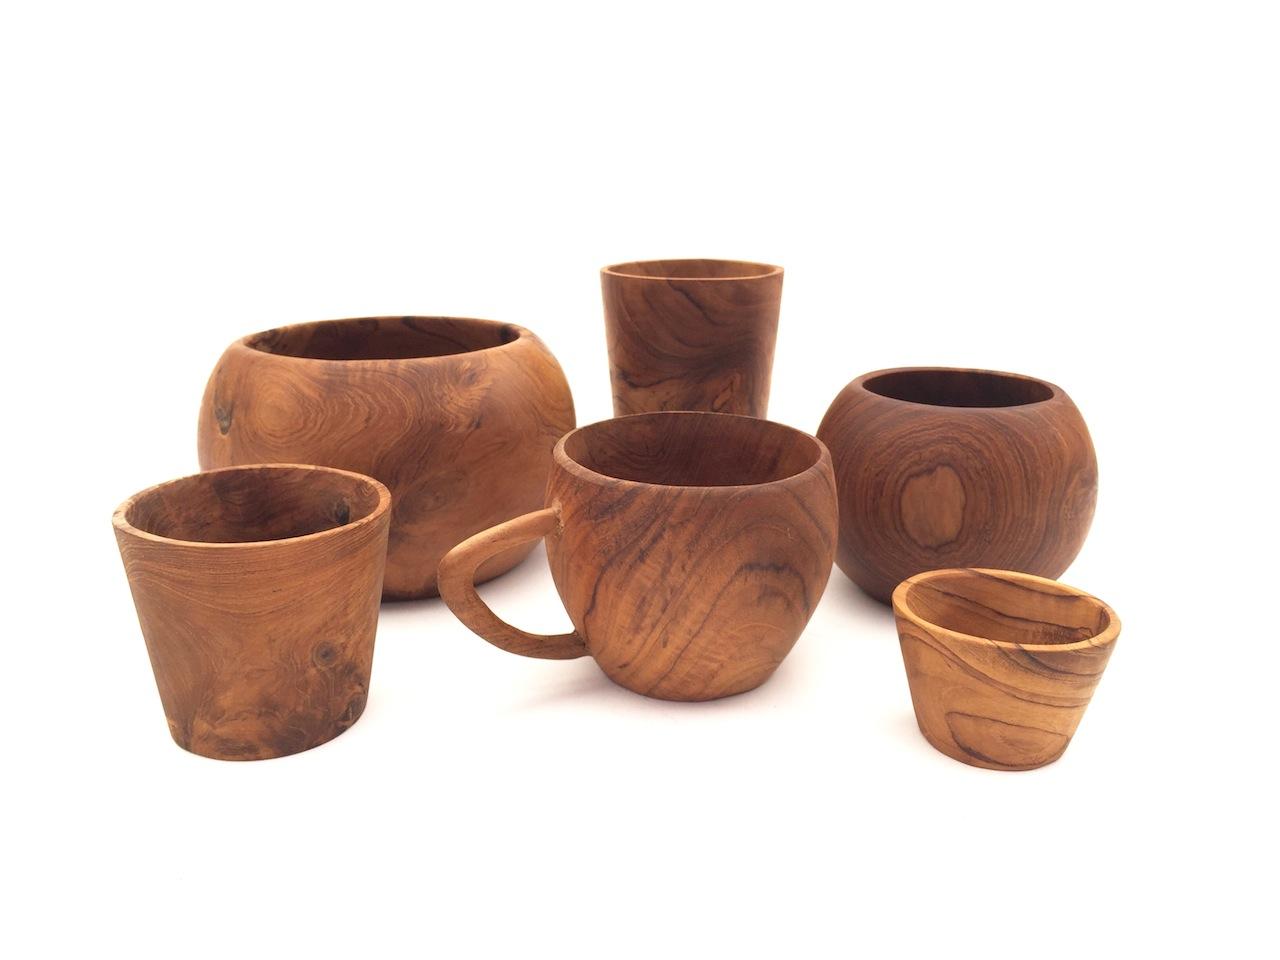 Teak Cups & Bowls